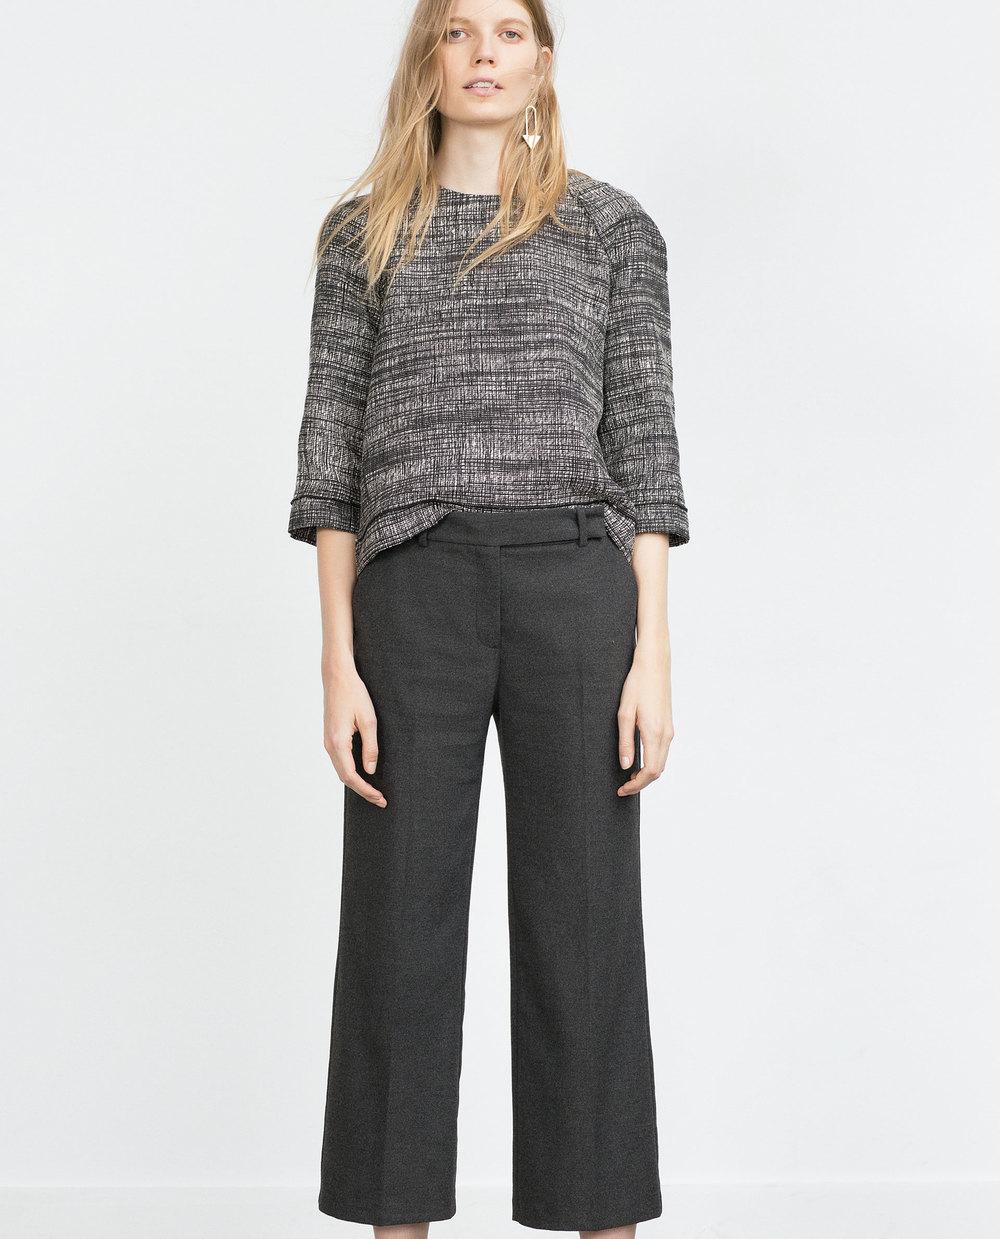 Culottes. Zara. $49.